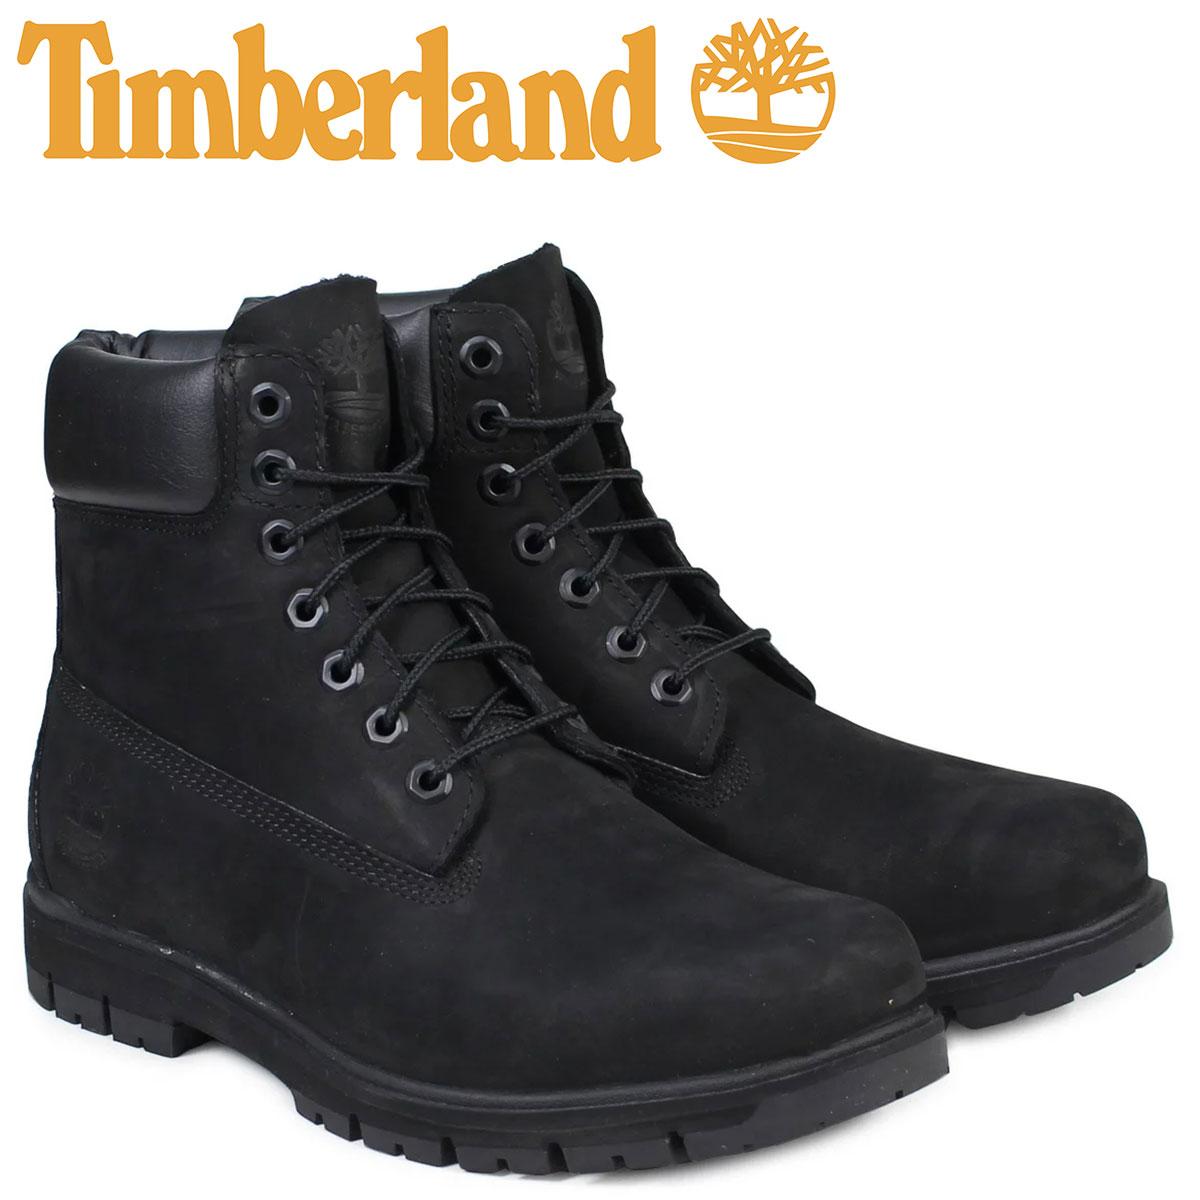 ティンバーランド ブーツ メンズ 6インチ Timberland RADFORD 6INCH PREMIUM BOOT A1JI2 ウォータープルーフ Wワイズ 防水 ブラック